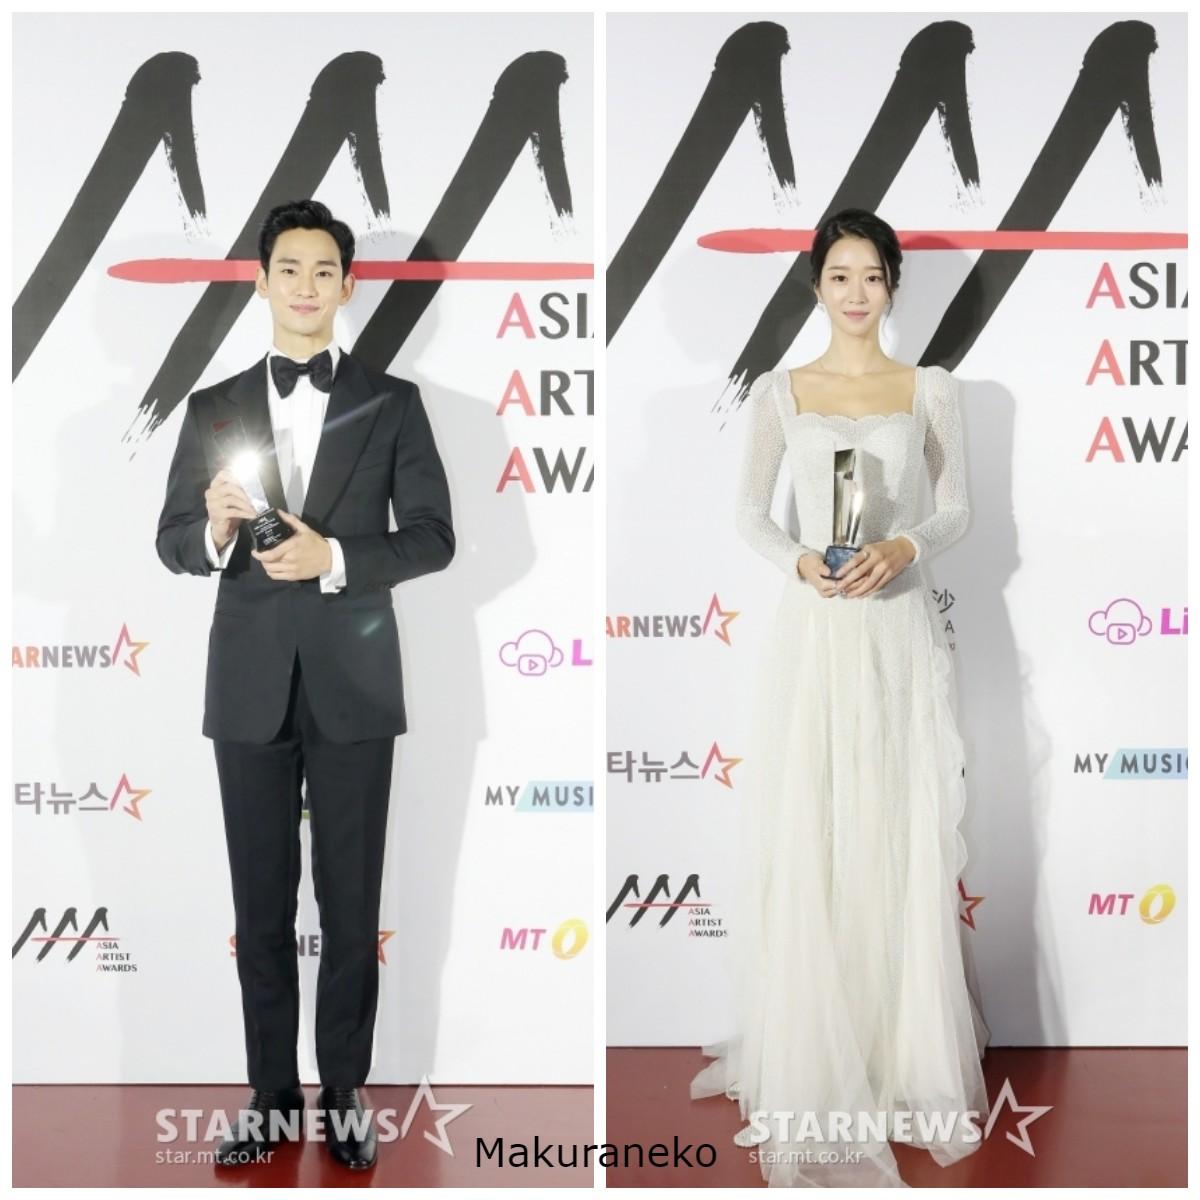 キム・スヒョン&ソ・イェジ 2020 AAA受賞おめでとう!